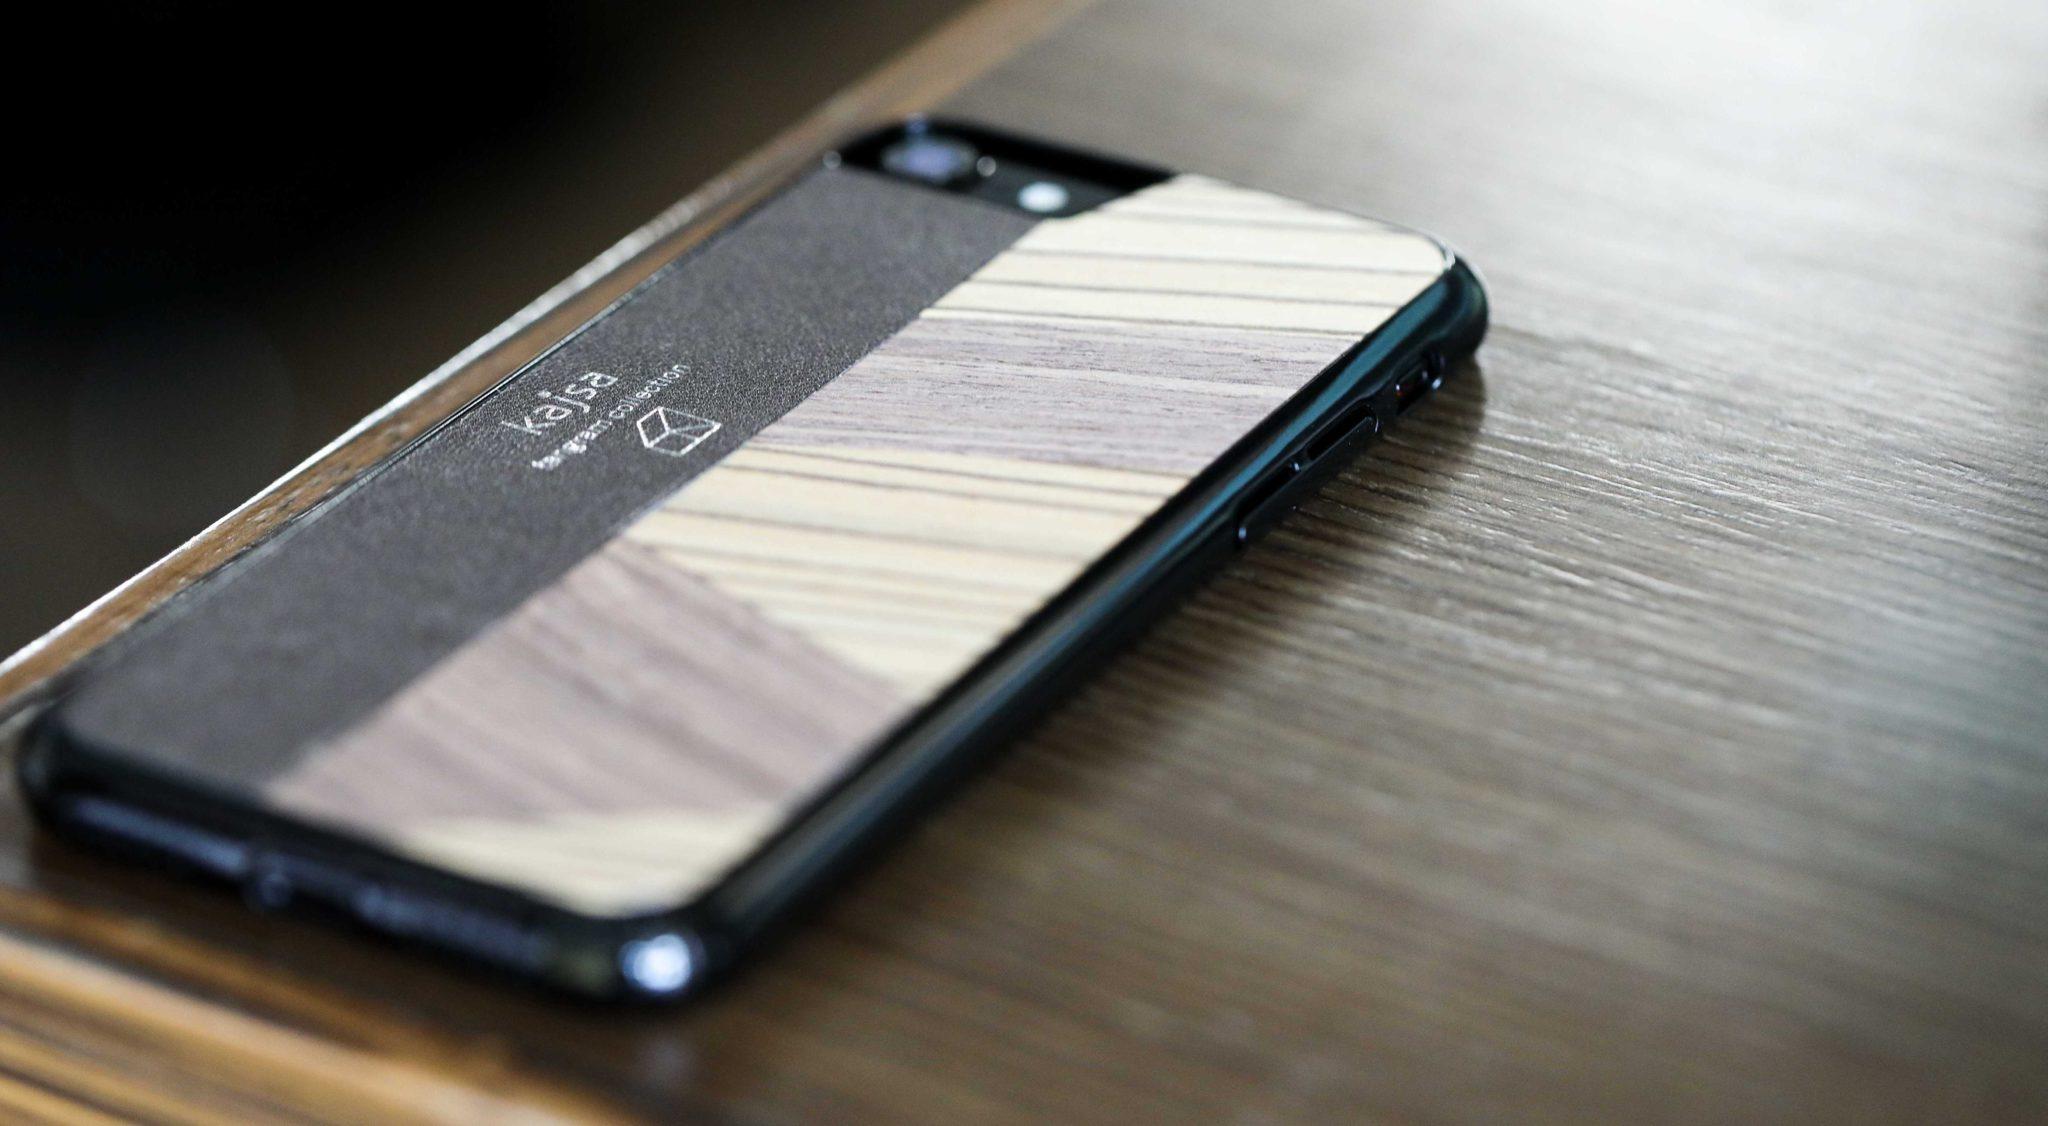 Perspektivisches Foto einer Dunkelbraune Schutzhülle Case aus echtem Holz kombiniert mit echtem Leder für das iPhone 8 Plus, das iPhone 8, das iPhone 7 und das iPhone 7 Plus.